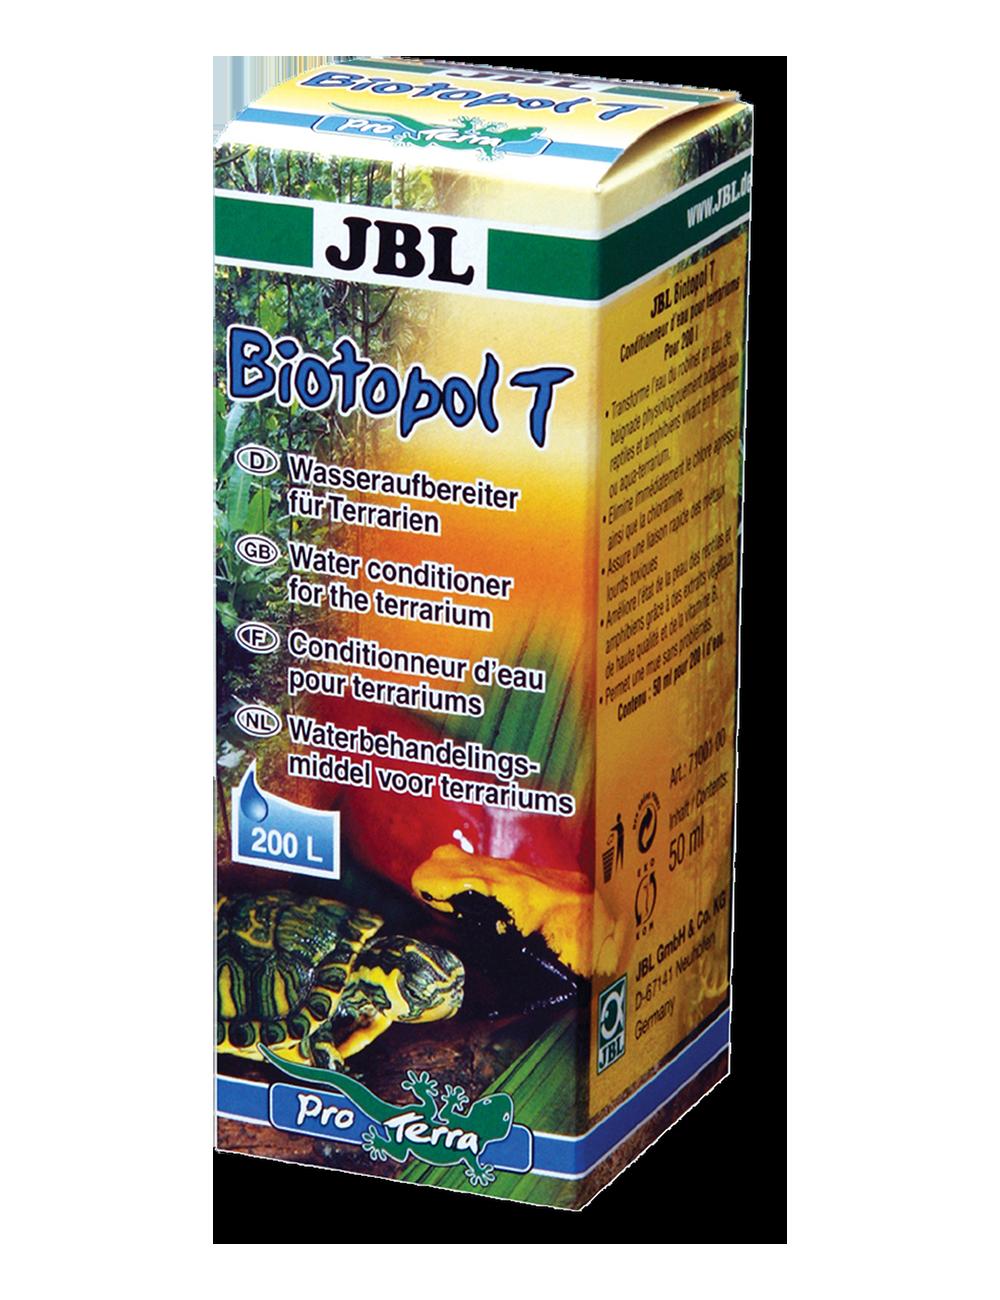 JBL -  Biotopol T - Conditionneur d'eau pour terrarium - 50ml